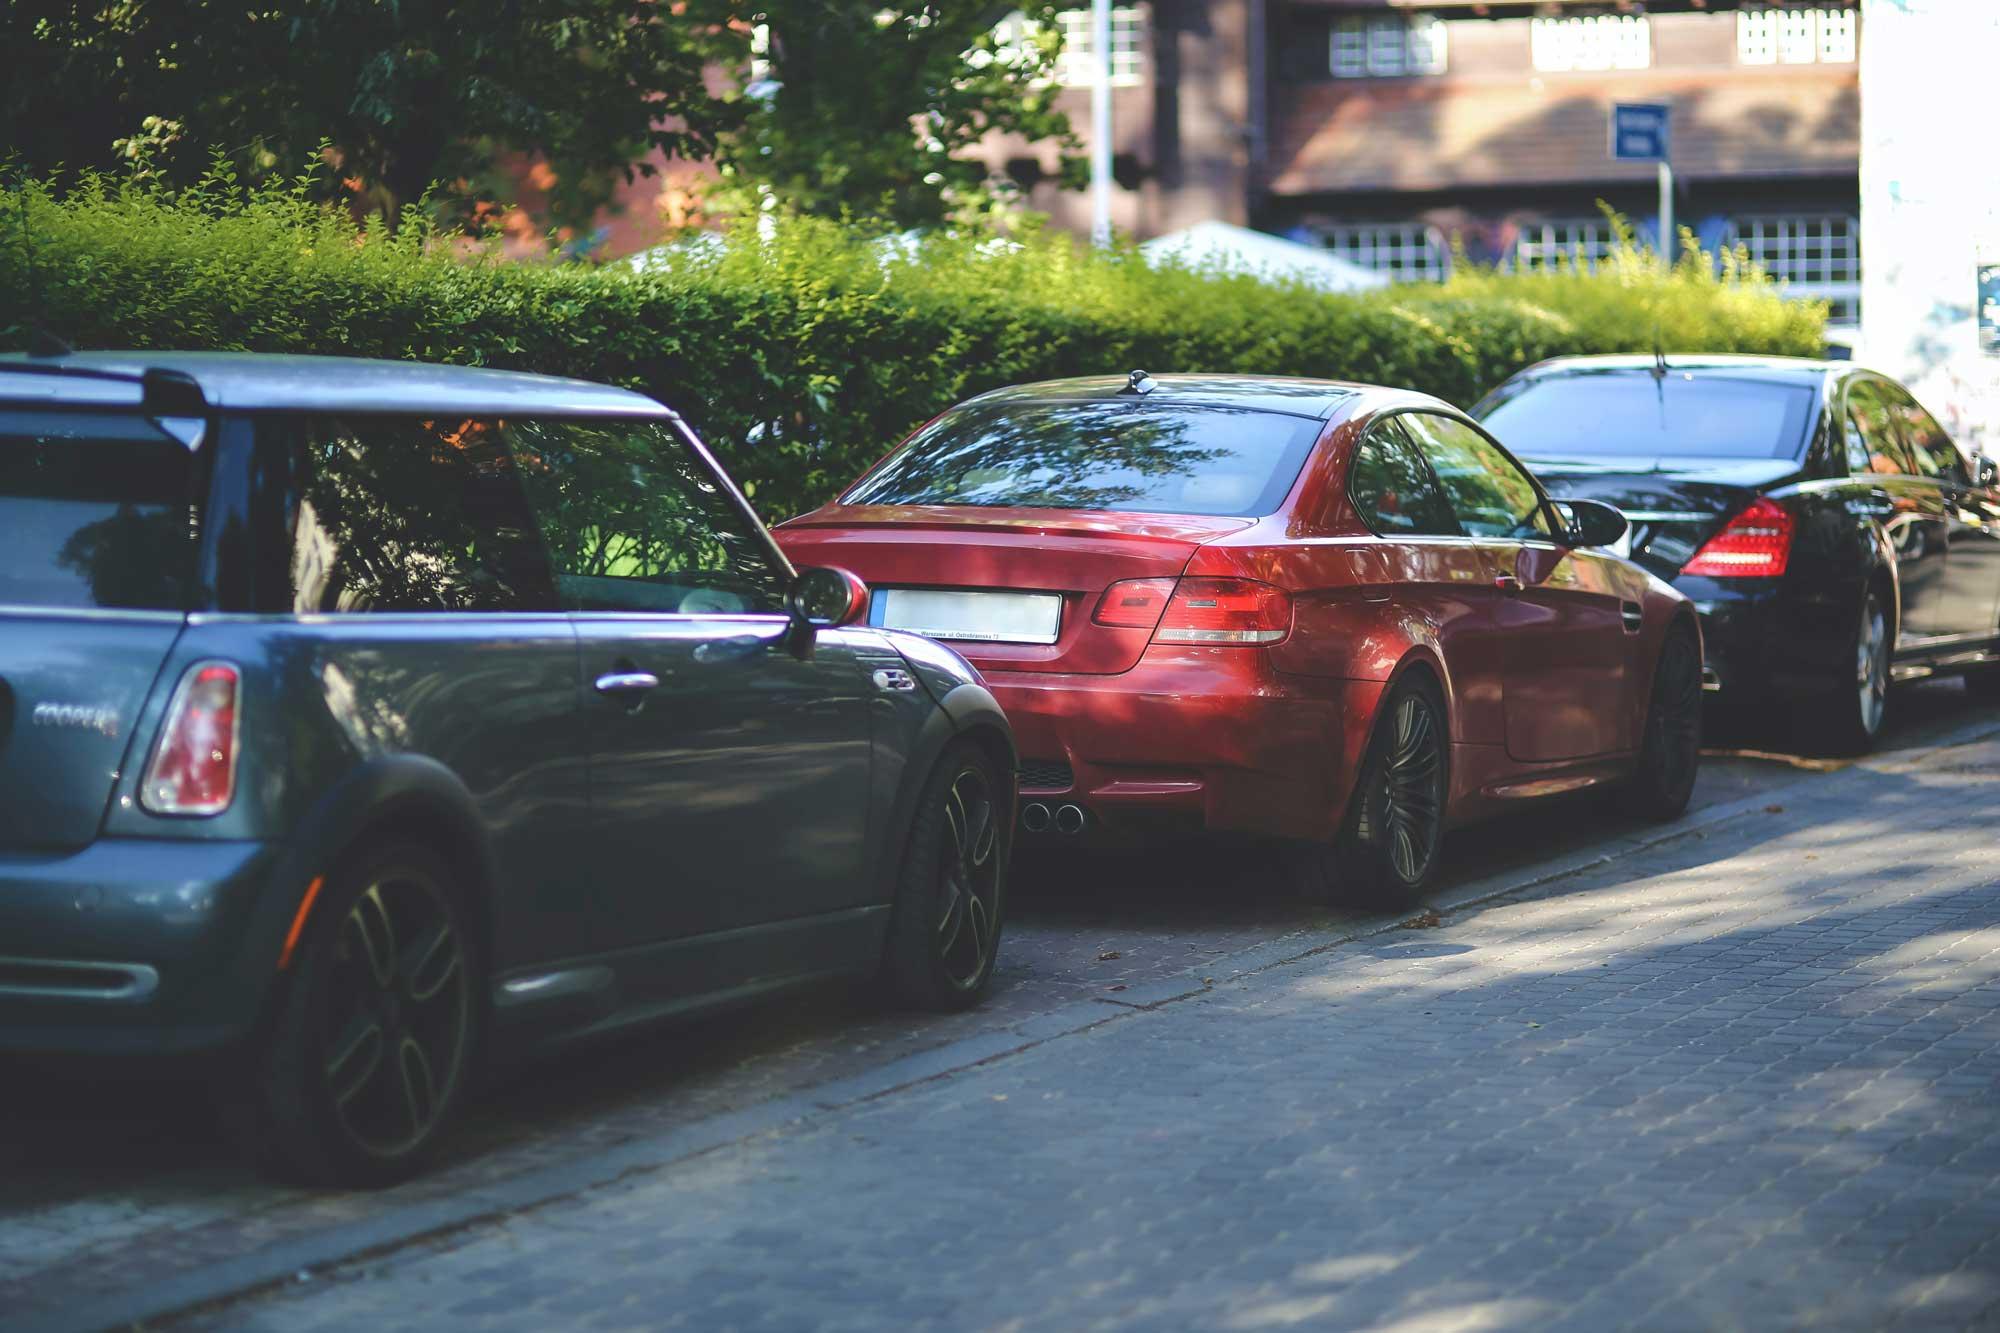 Installare Sensori Di Parcheggio Sull'auto